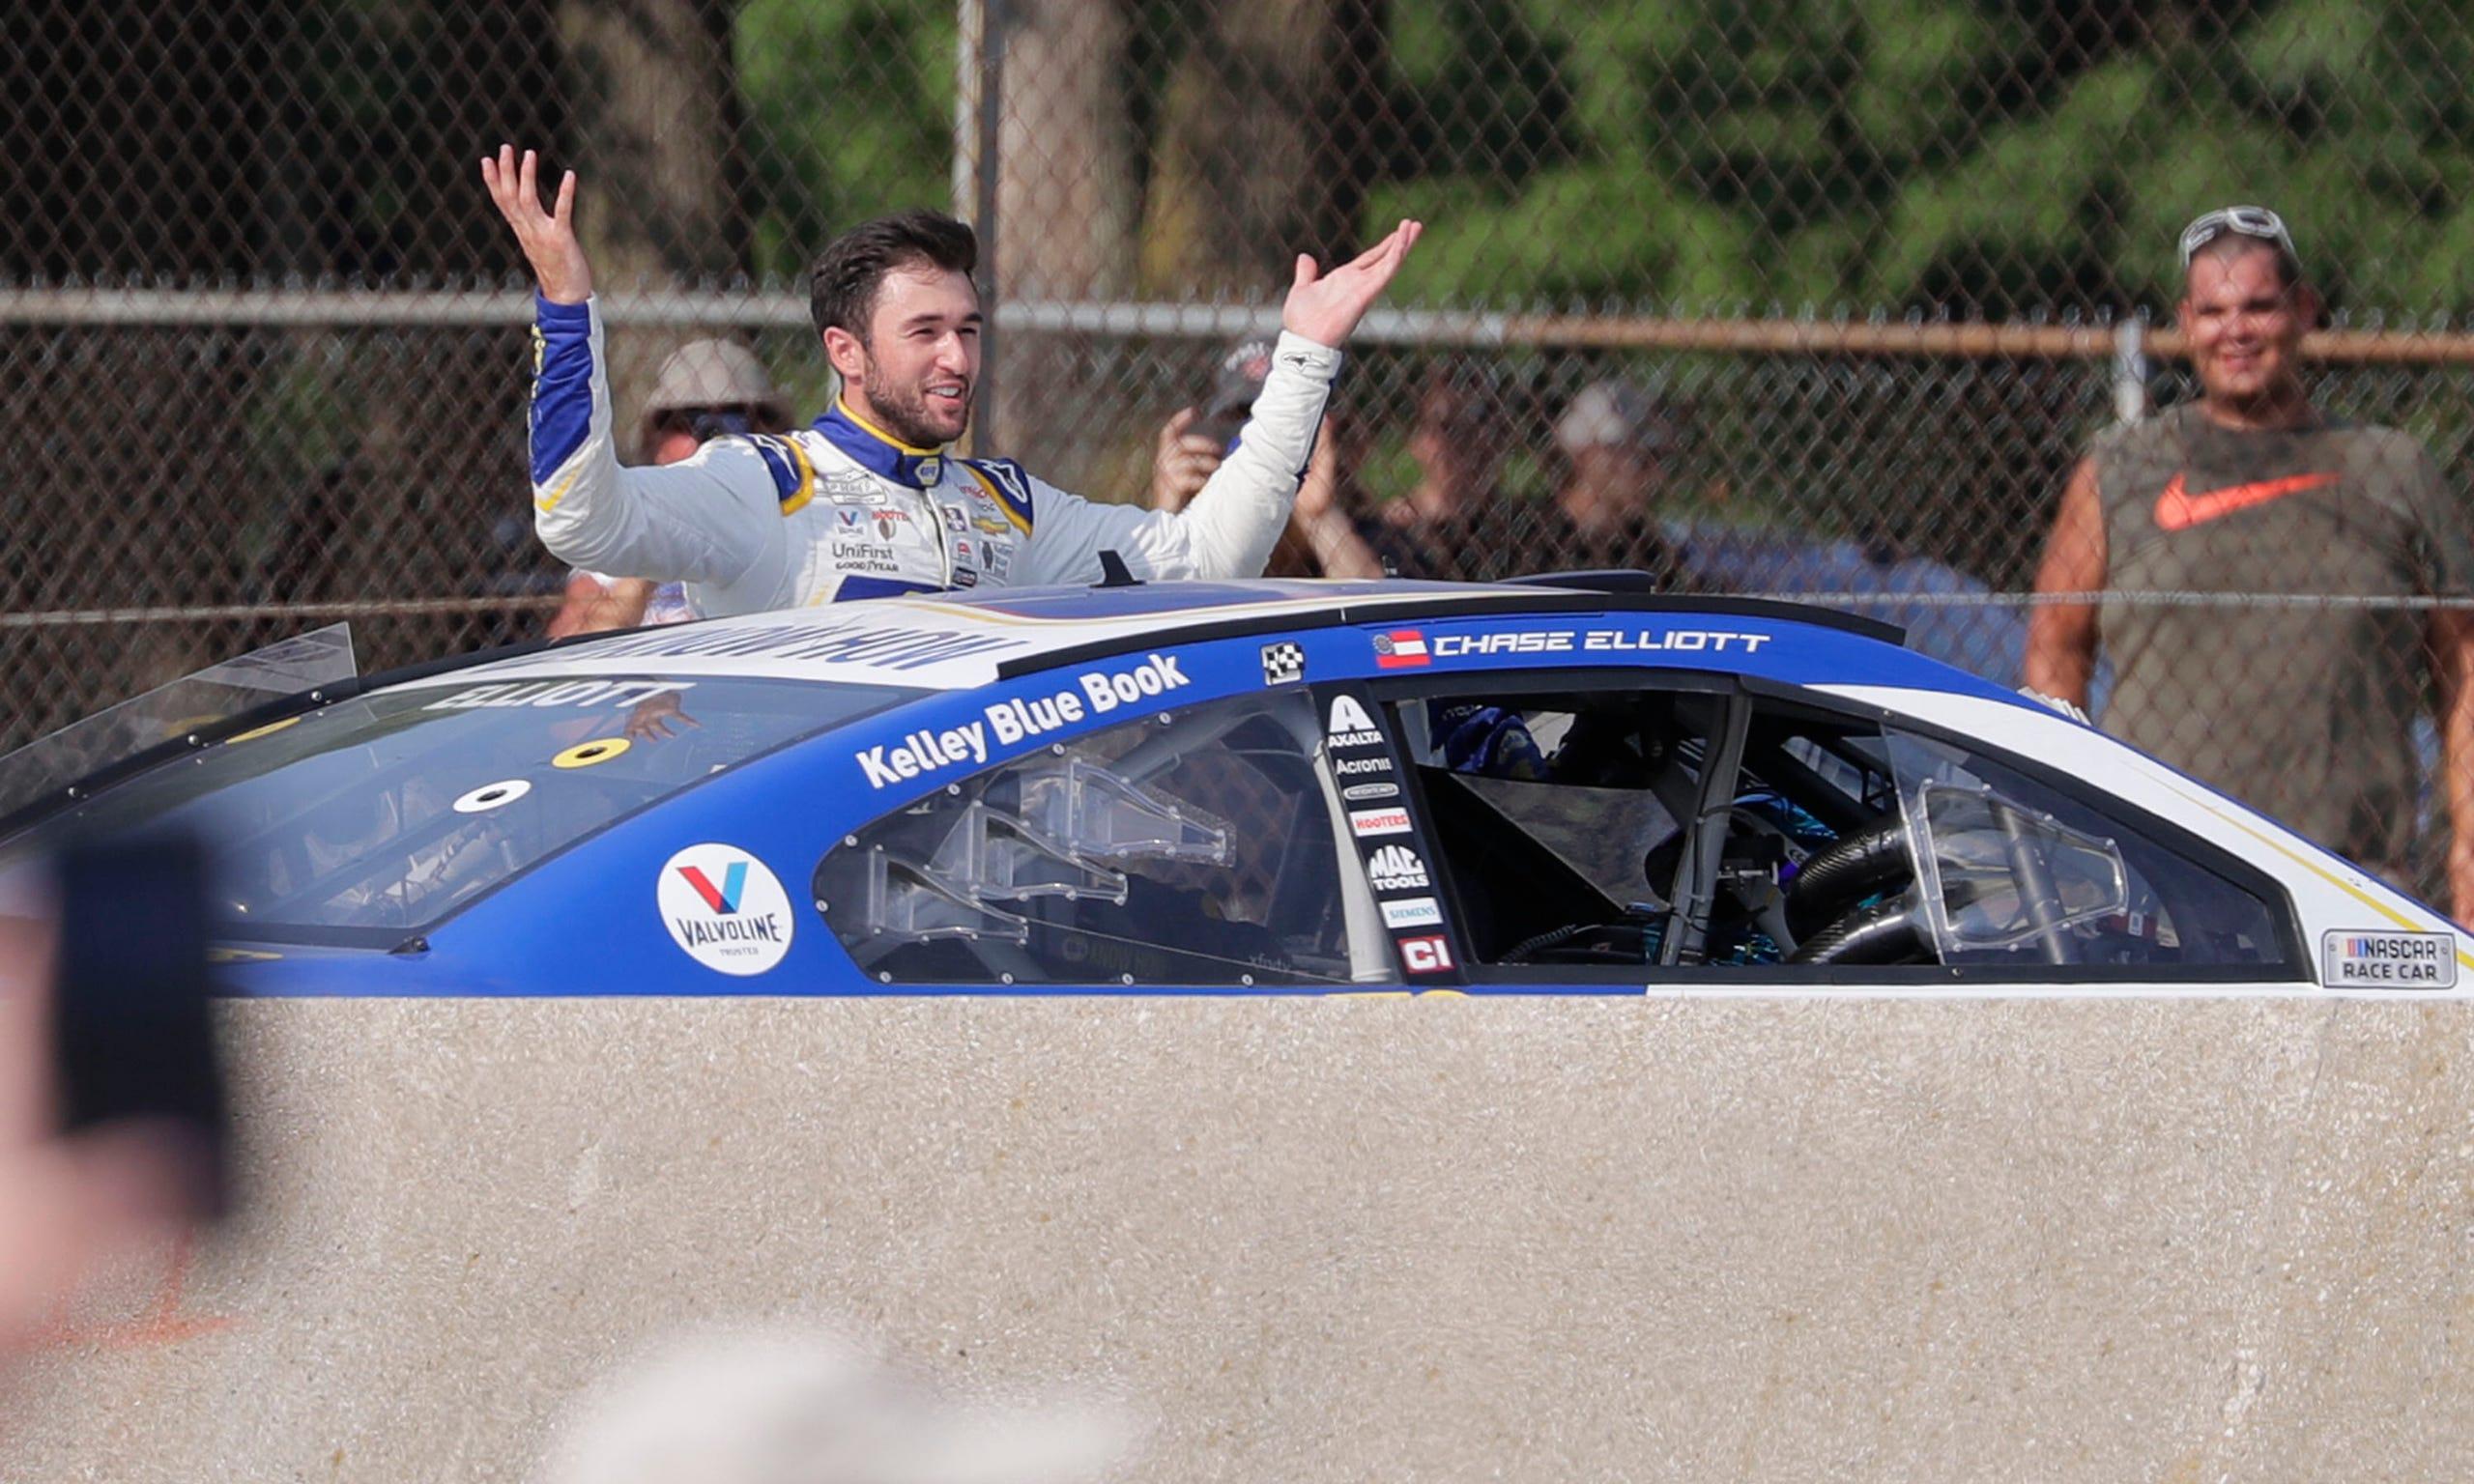 Elliott kétszer is fánkozott a rajongók kedvéért, ezután pedig olyasmi jött, amire még nem volt példa a NASCAR-ban